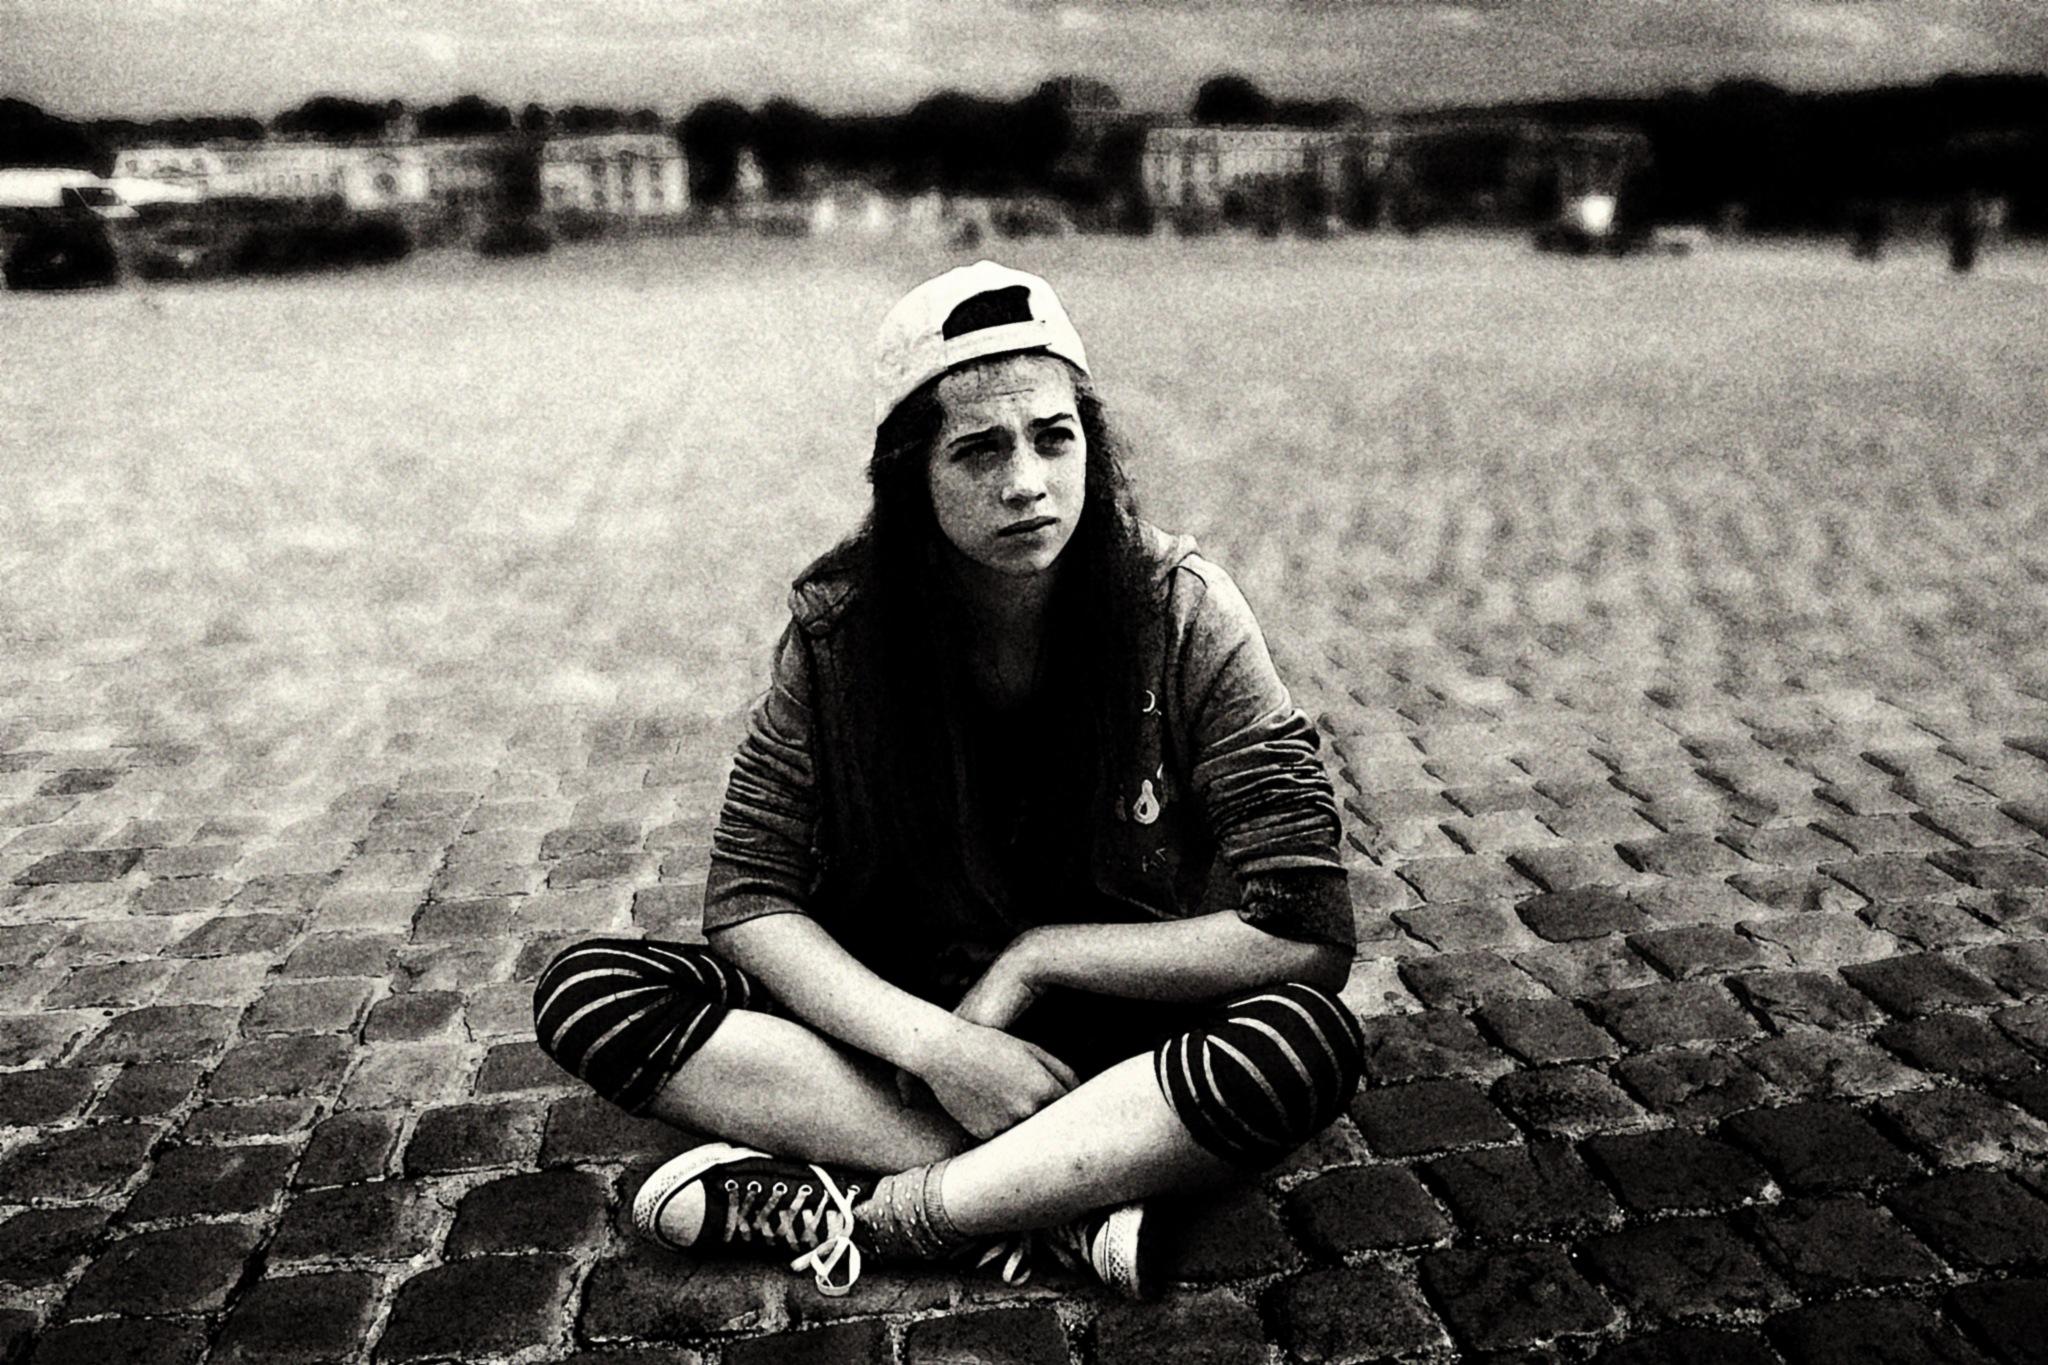 Girl on the Royal Square by Сергей Юрьев